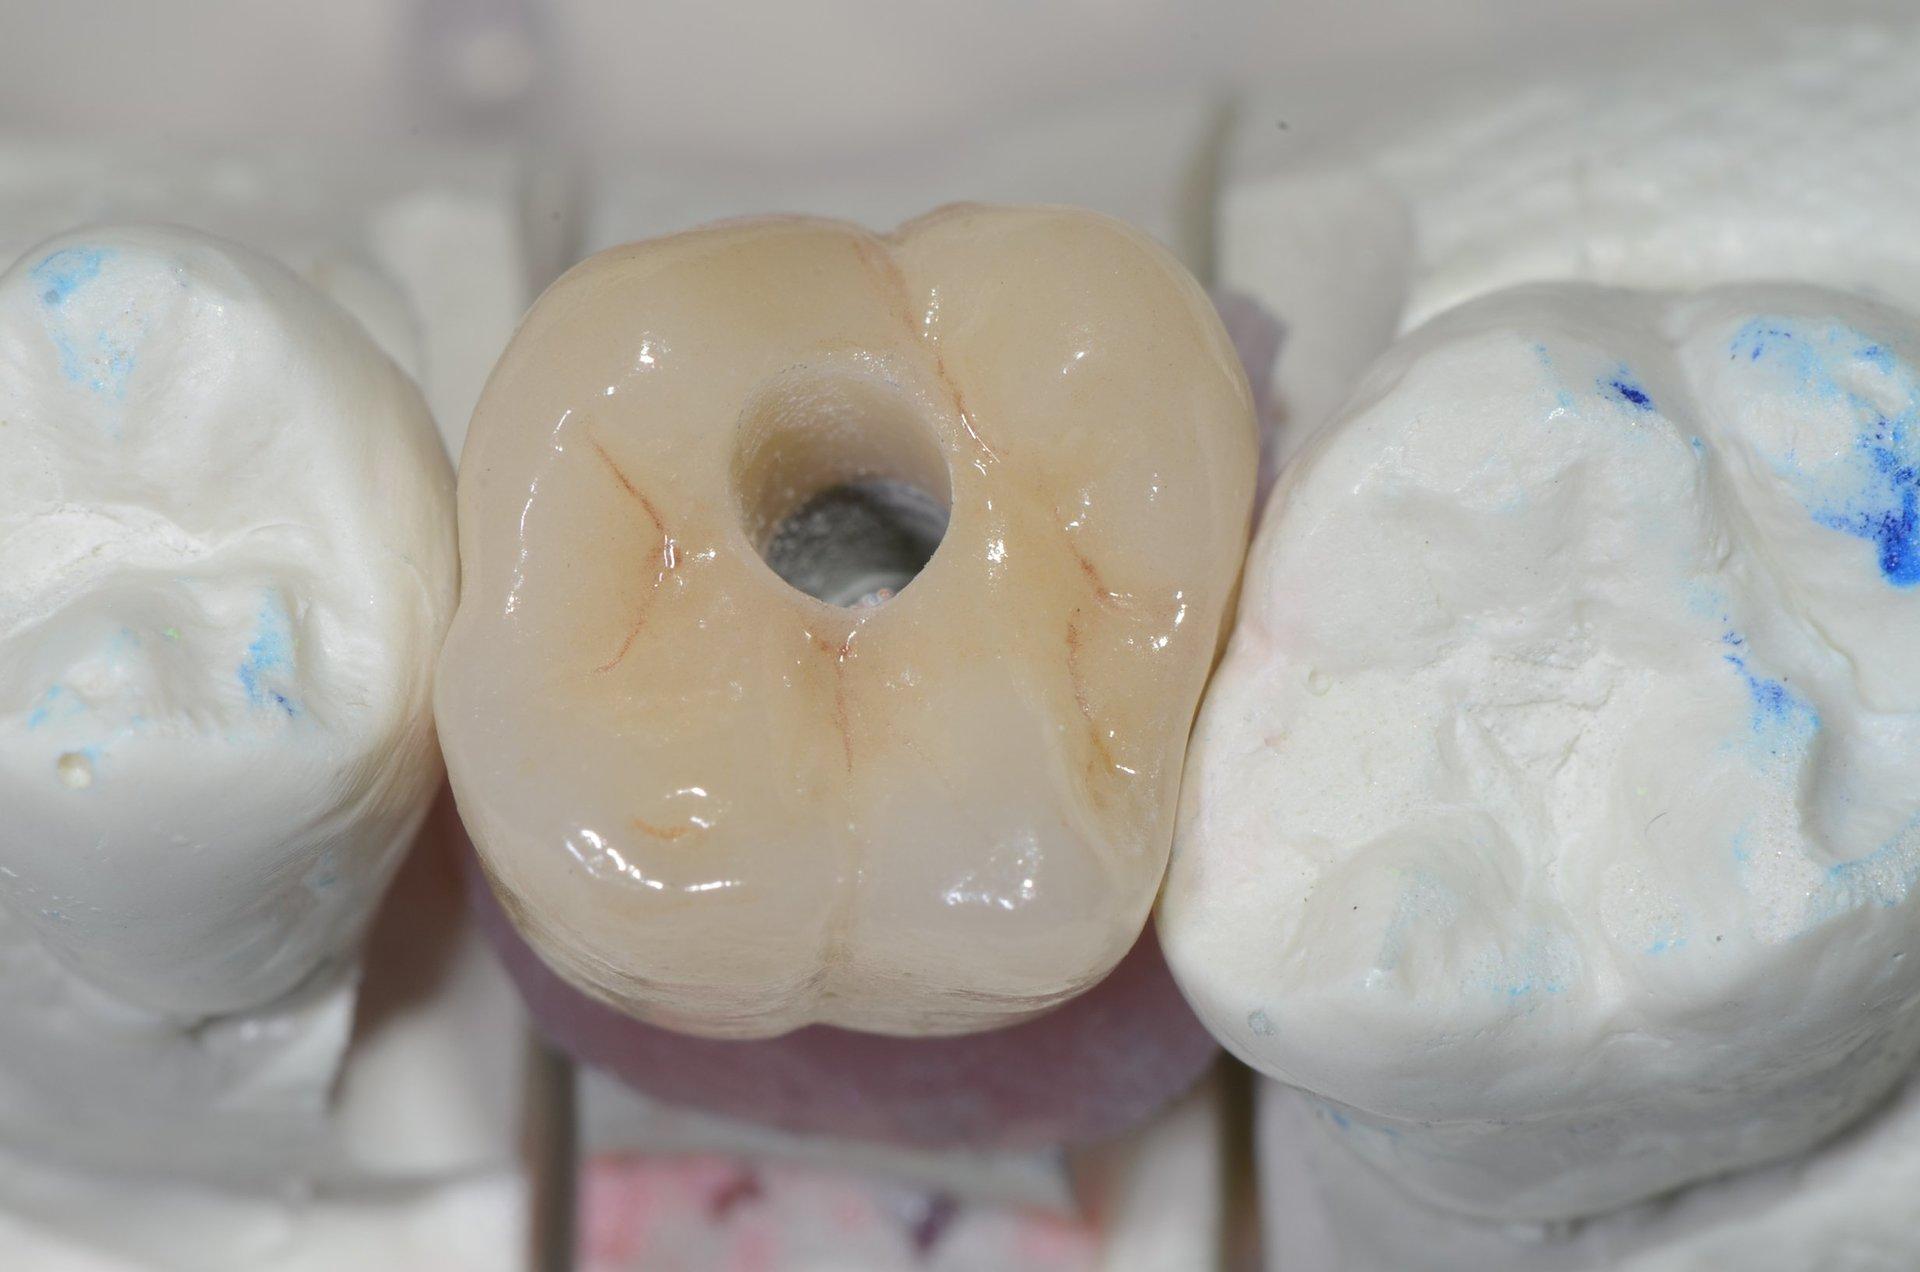 dente con foro chirurgico